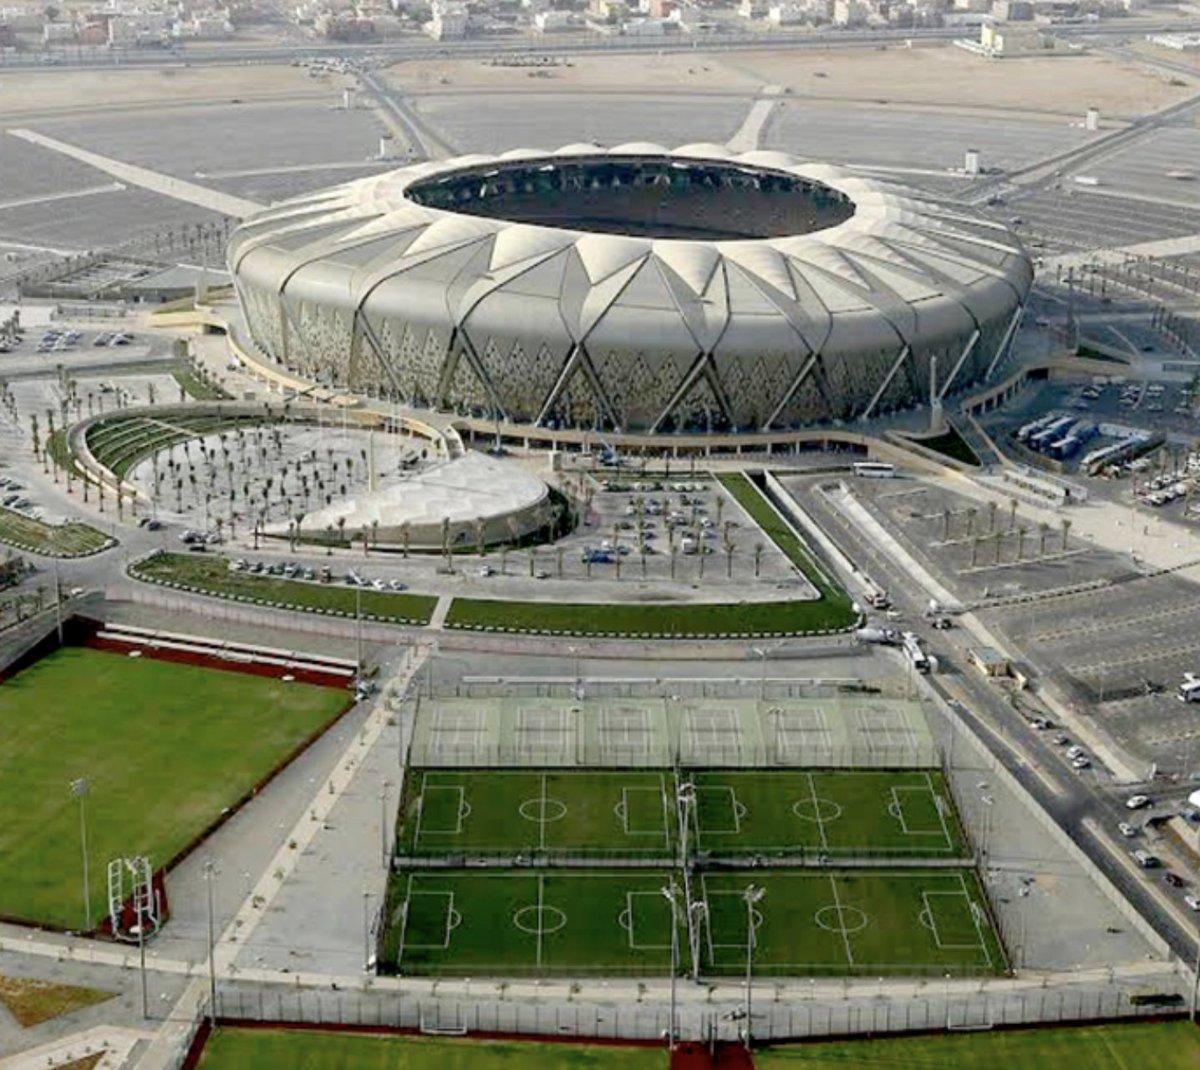 عبدالعزيز أحمد حنش On Twitter بداية أود الإشارة الى أنه تم تصميم استاد مدينة الملك عبدالله الرياضية في جدة لجعله يبدو وكأنه جوهرة ترتفع من الرمال ومن هنا أتت تسميته باستاد الجوهرة